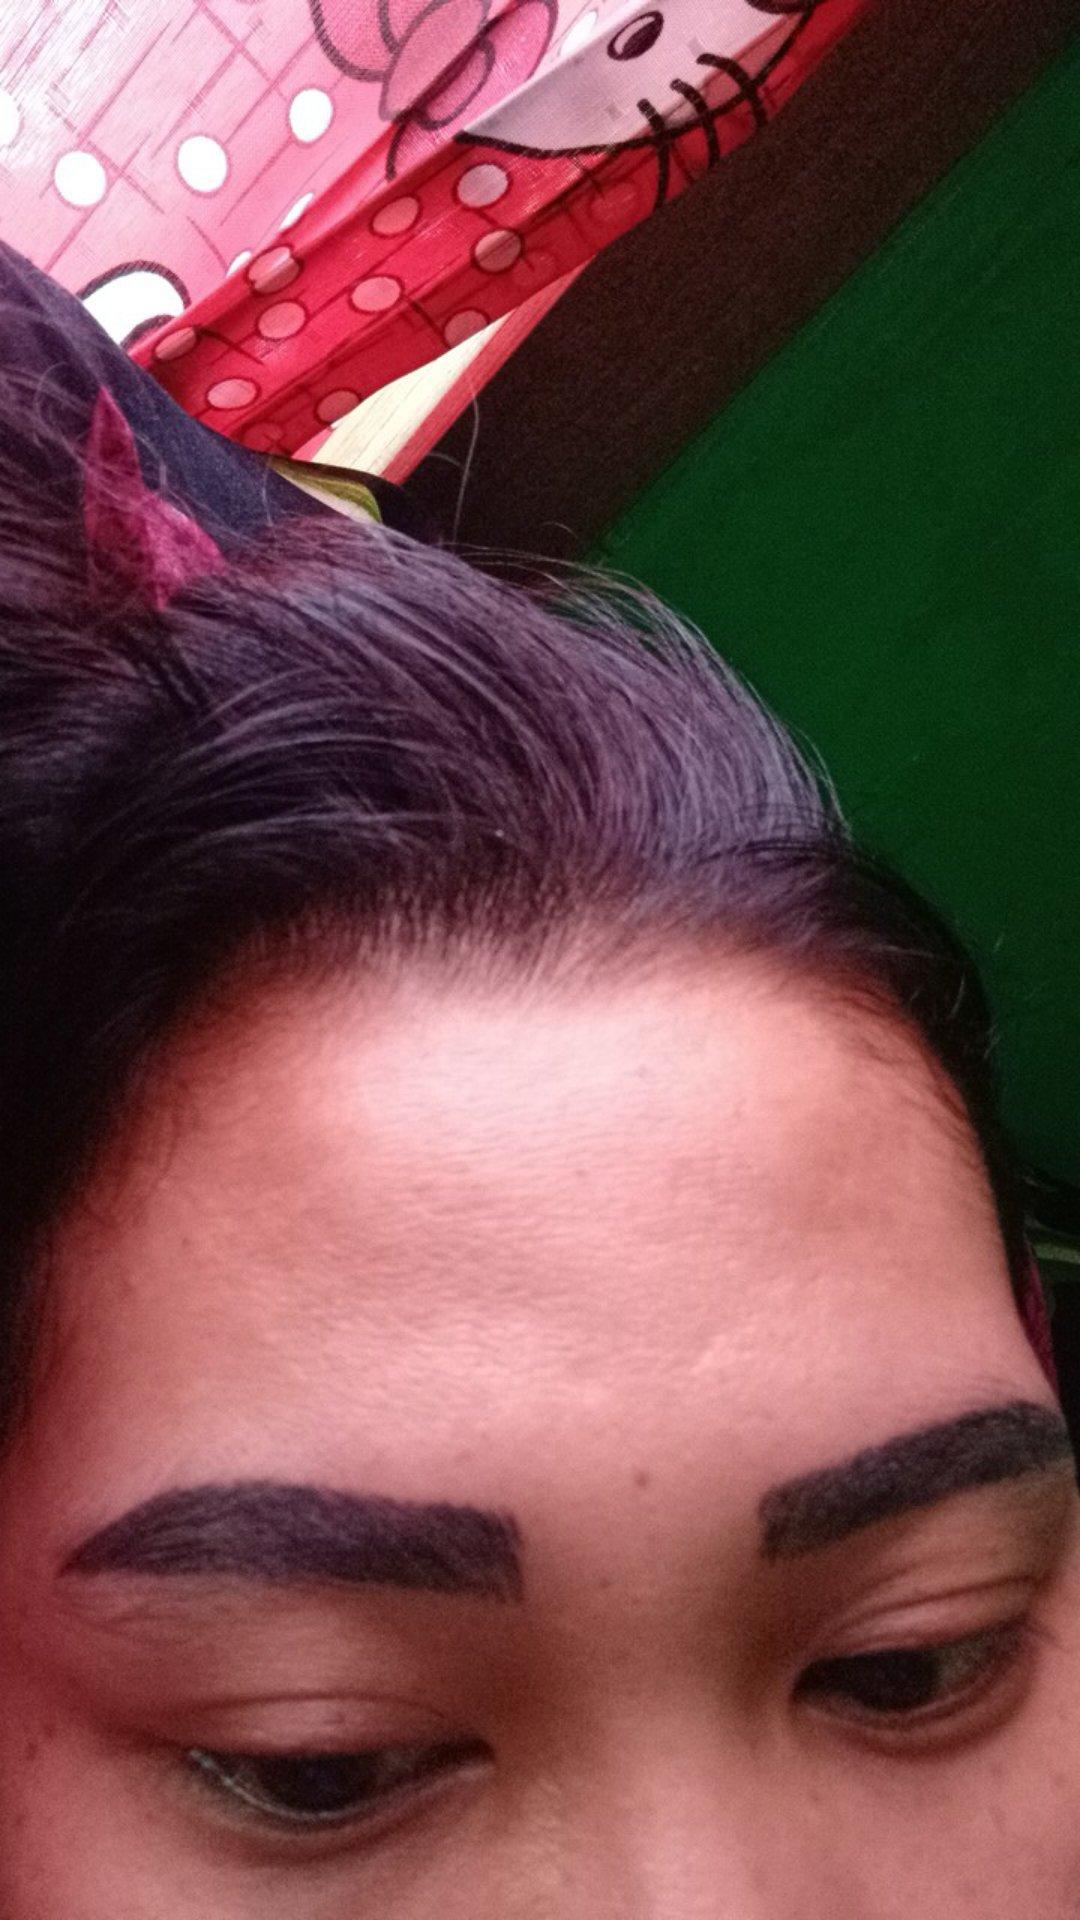 Obat Penghilang Penghapus Tatto Permanen Sulam Alis Pk Oil Cepat Aman Shopee Indonesia